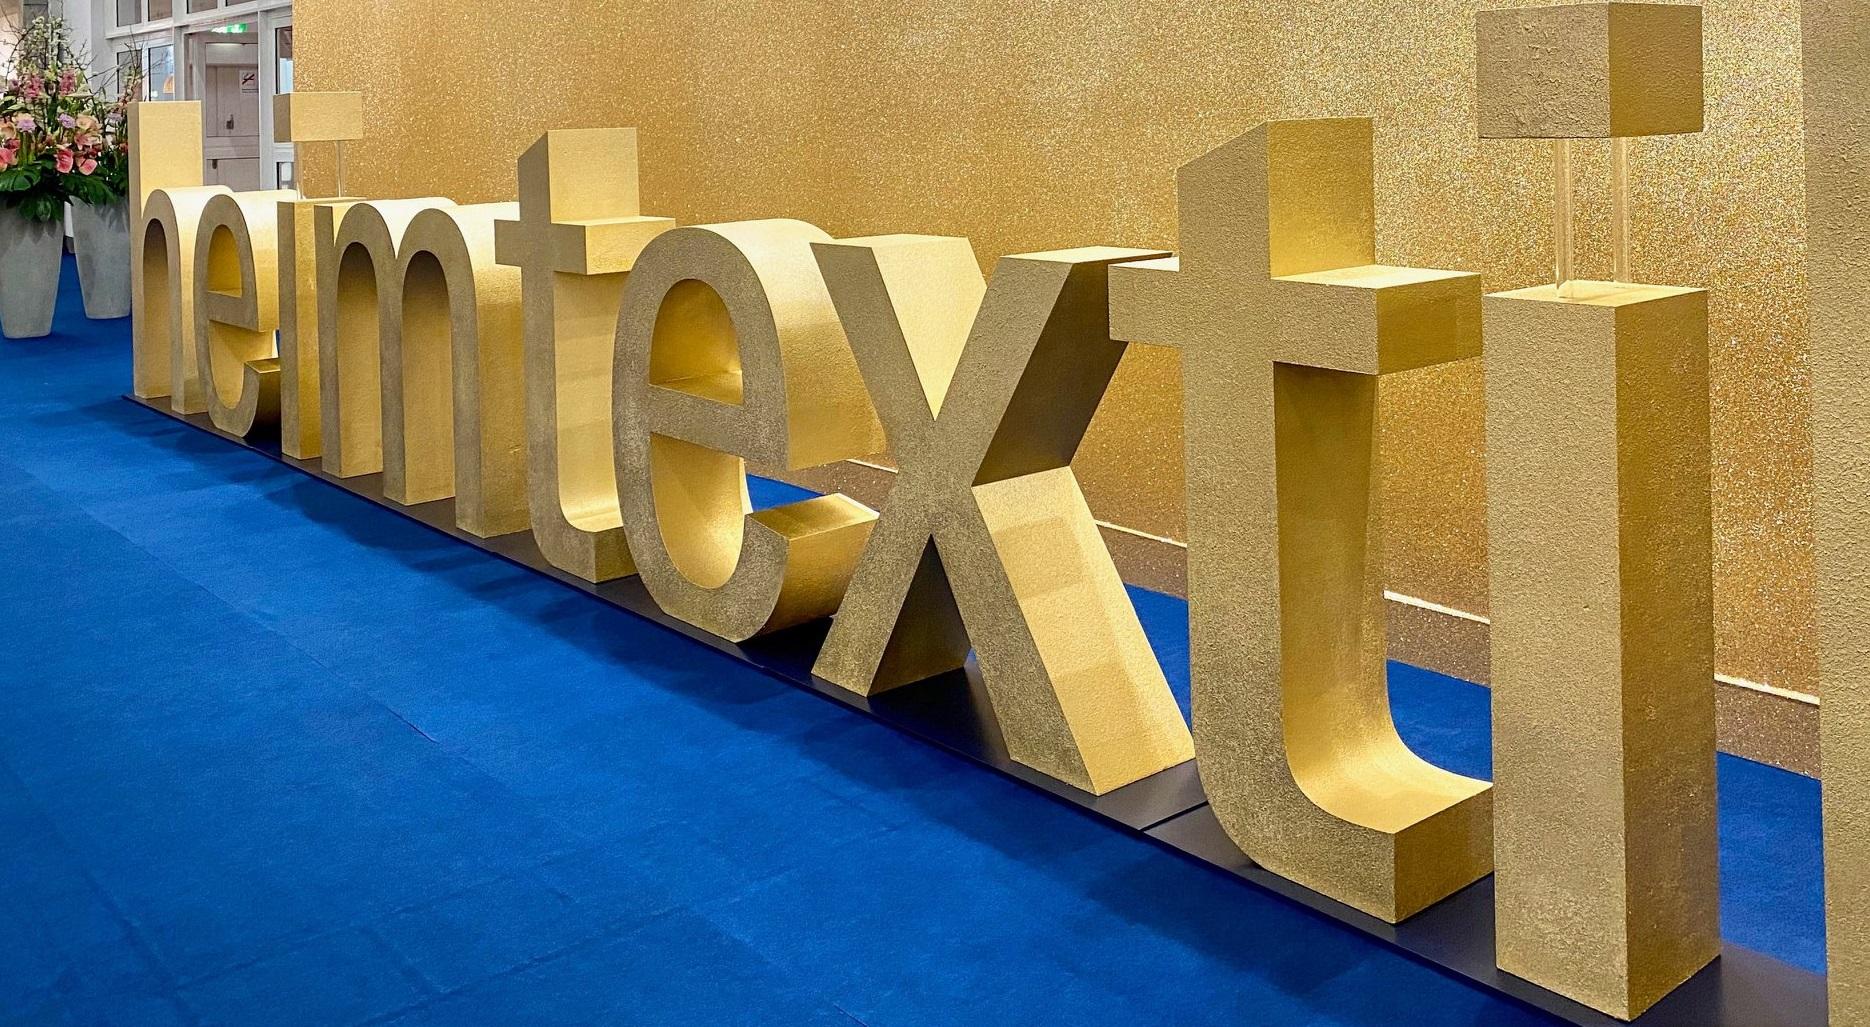 Heimtextil – cel mai mare targ de textile din lume